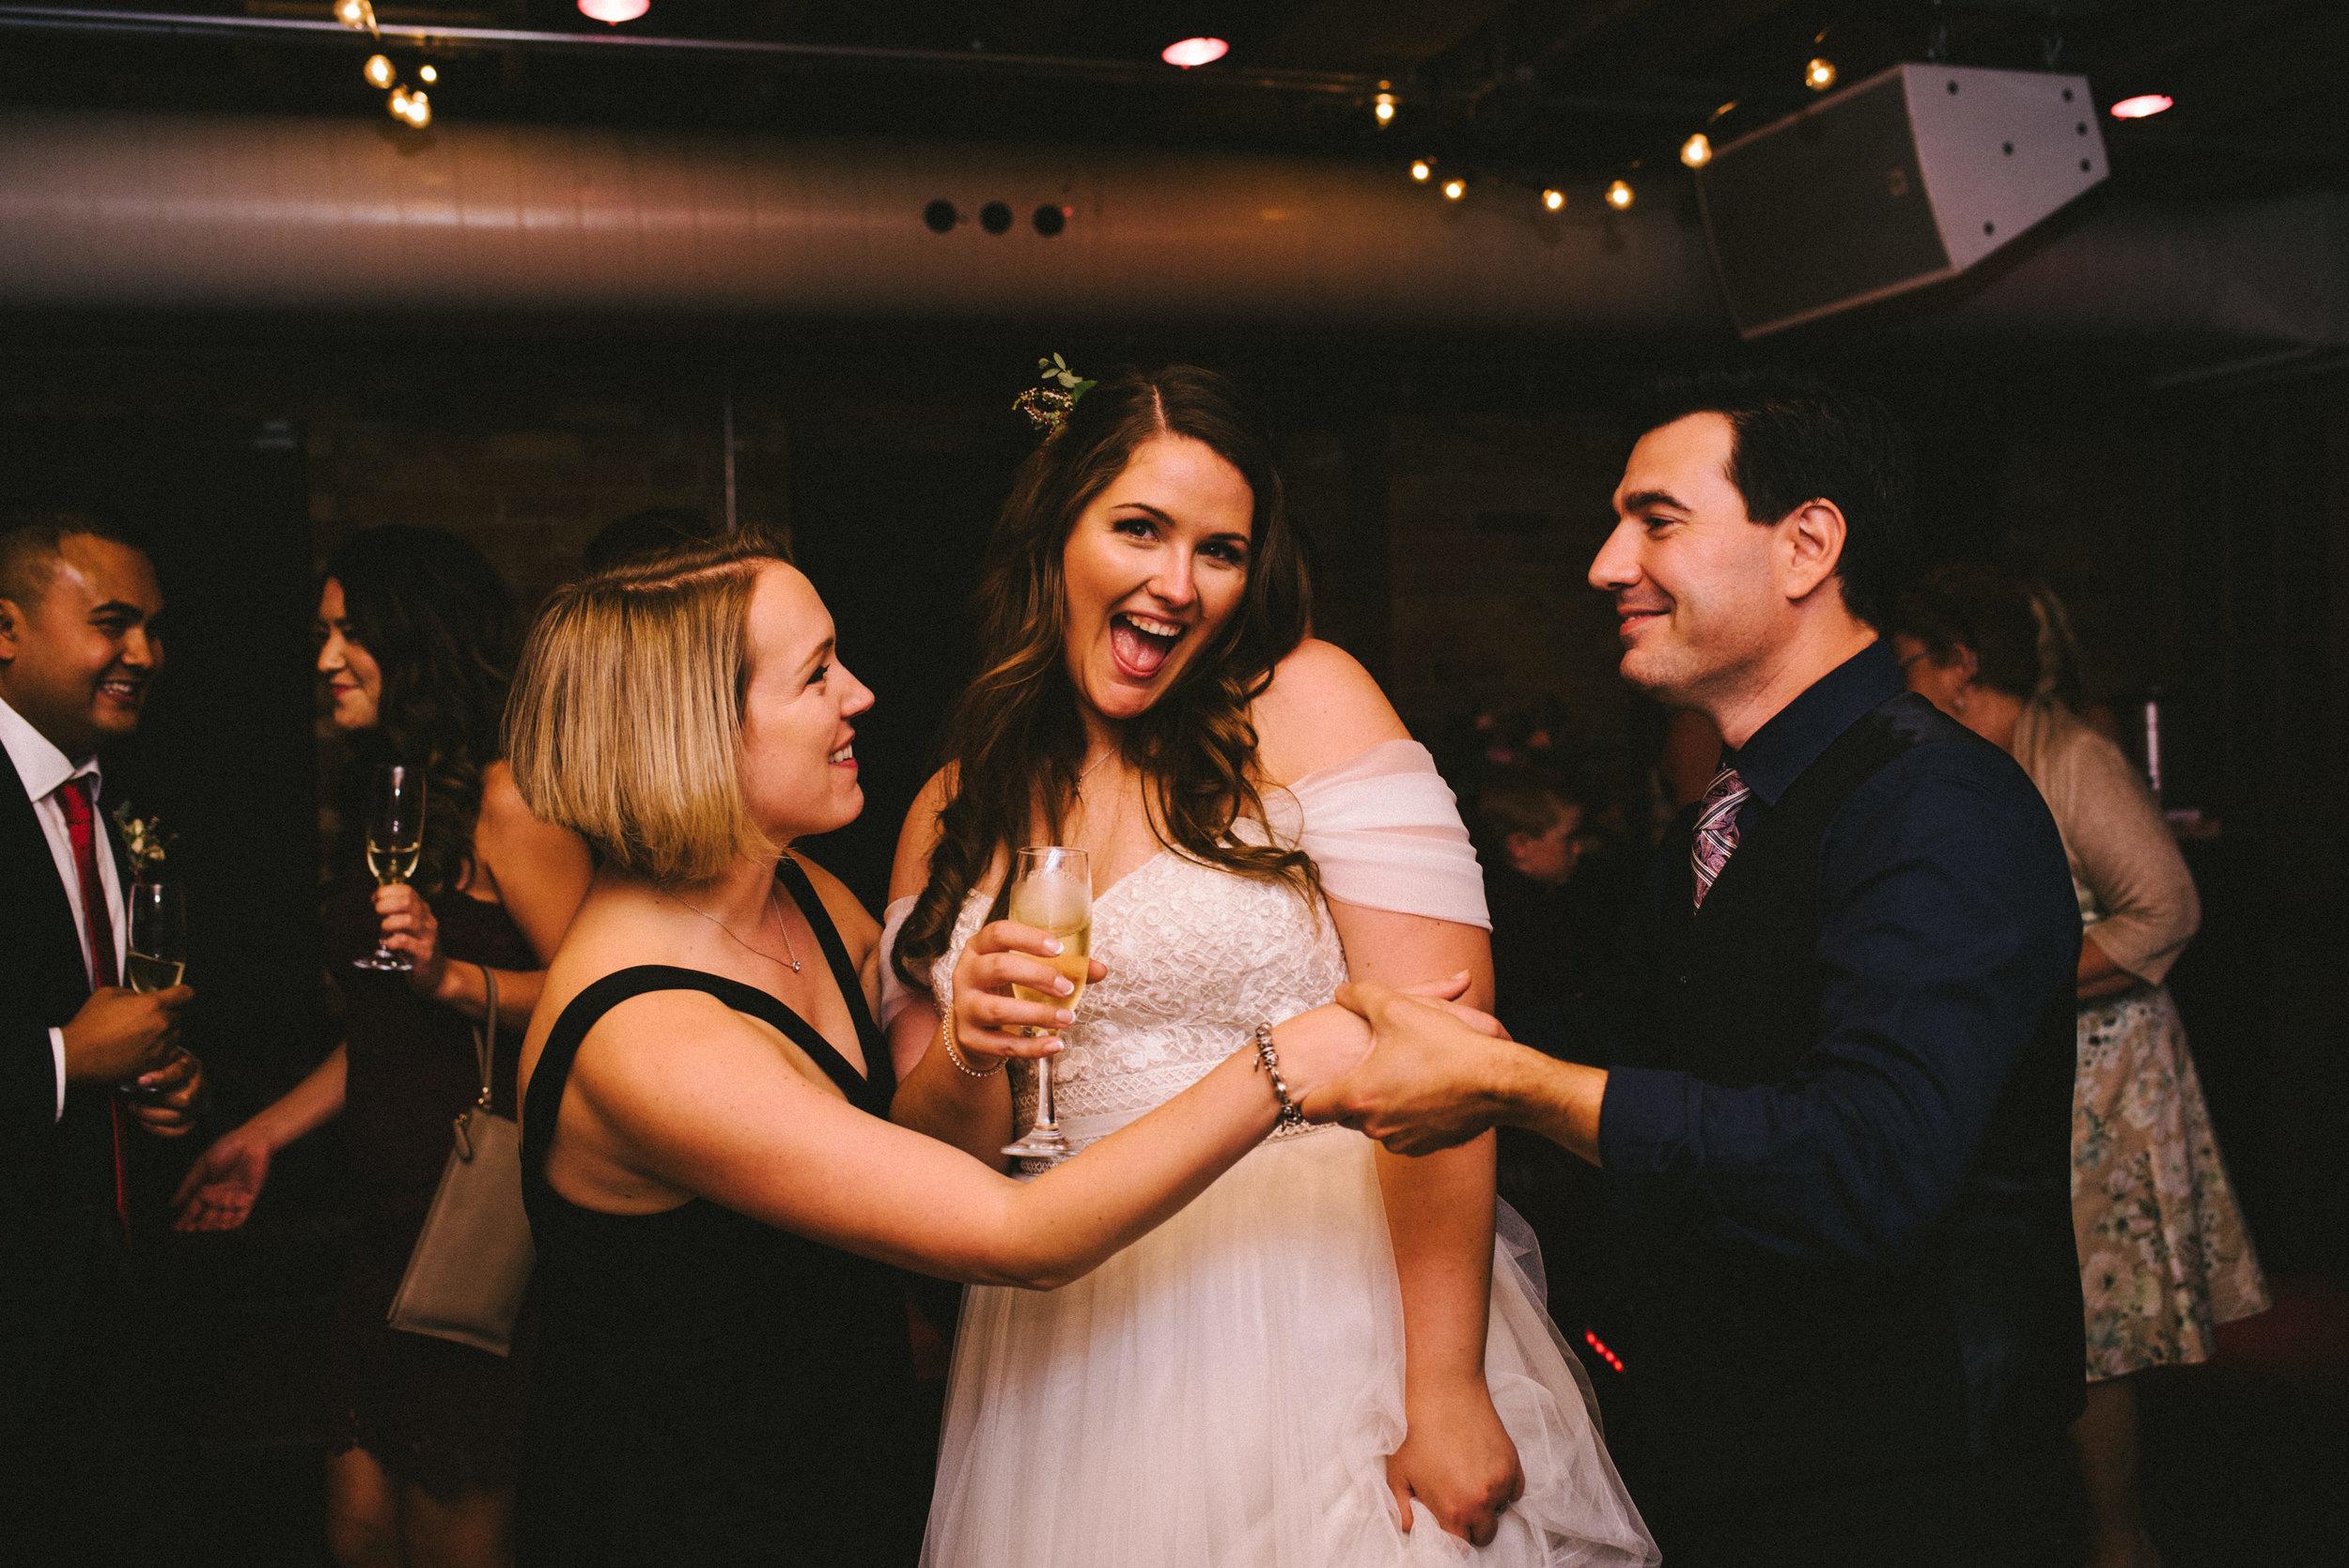 City Hall Downtown Toronto Wedding Photographer